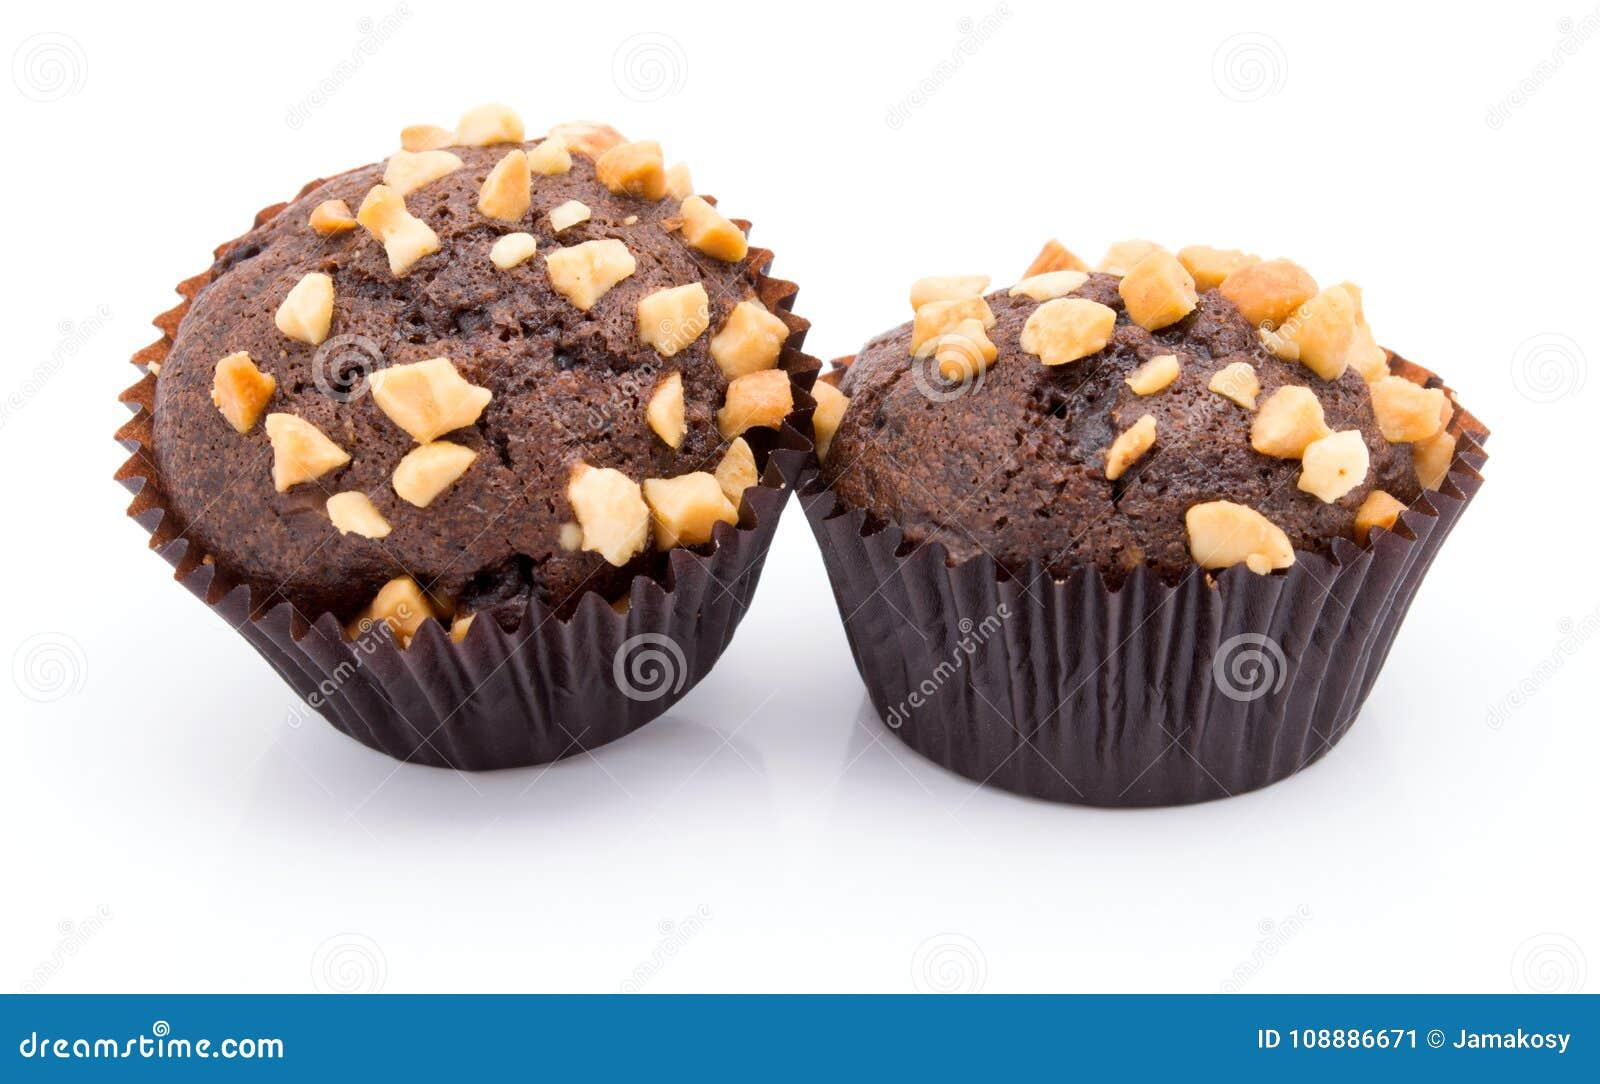 Groep chocolademuffins met notencrumbs op witte achtergrond wordt geïsoleerd die